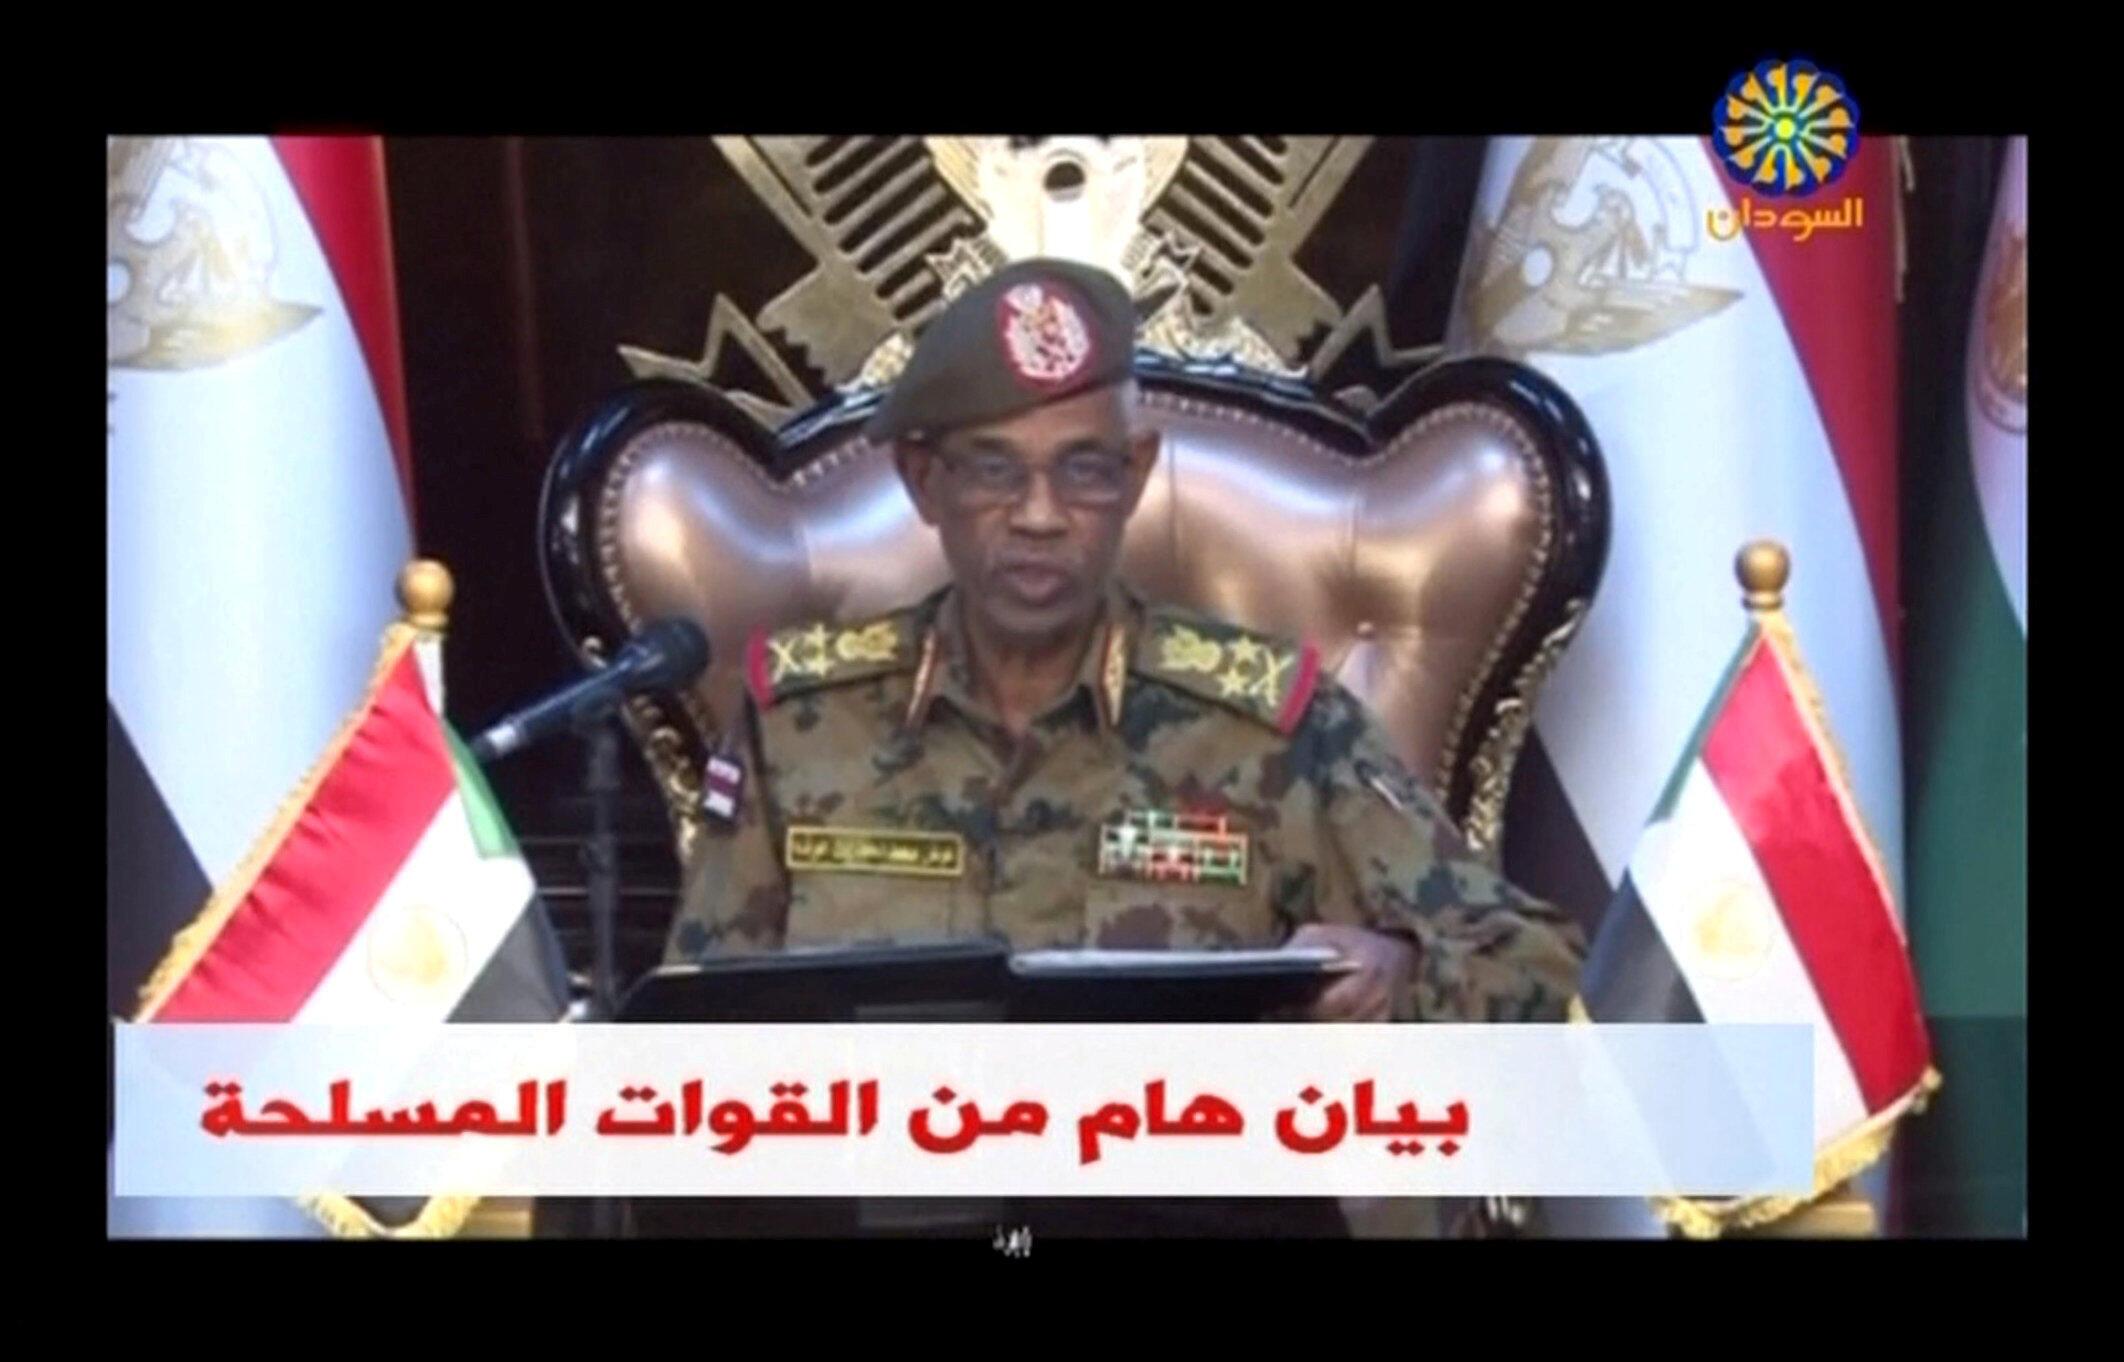 Глава минобороны Авад бен Ауф официально объявил оботставке президента страны вэфире государственного телевидения